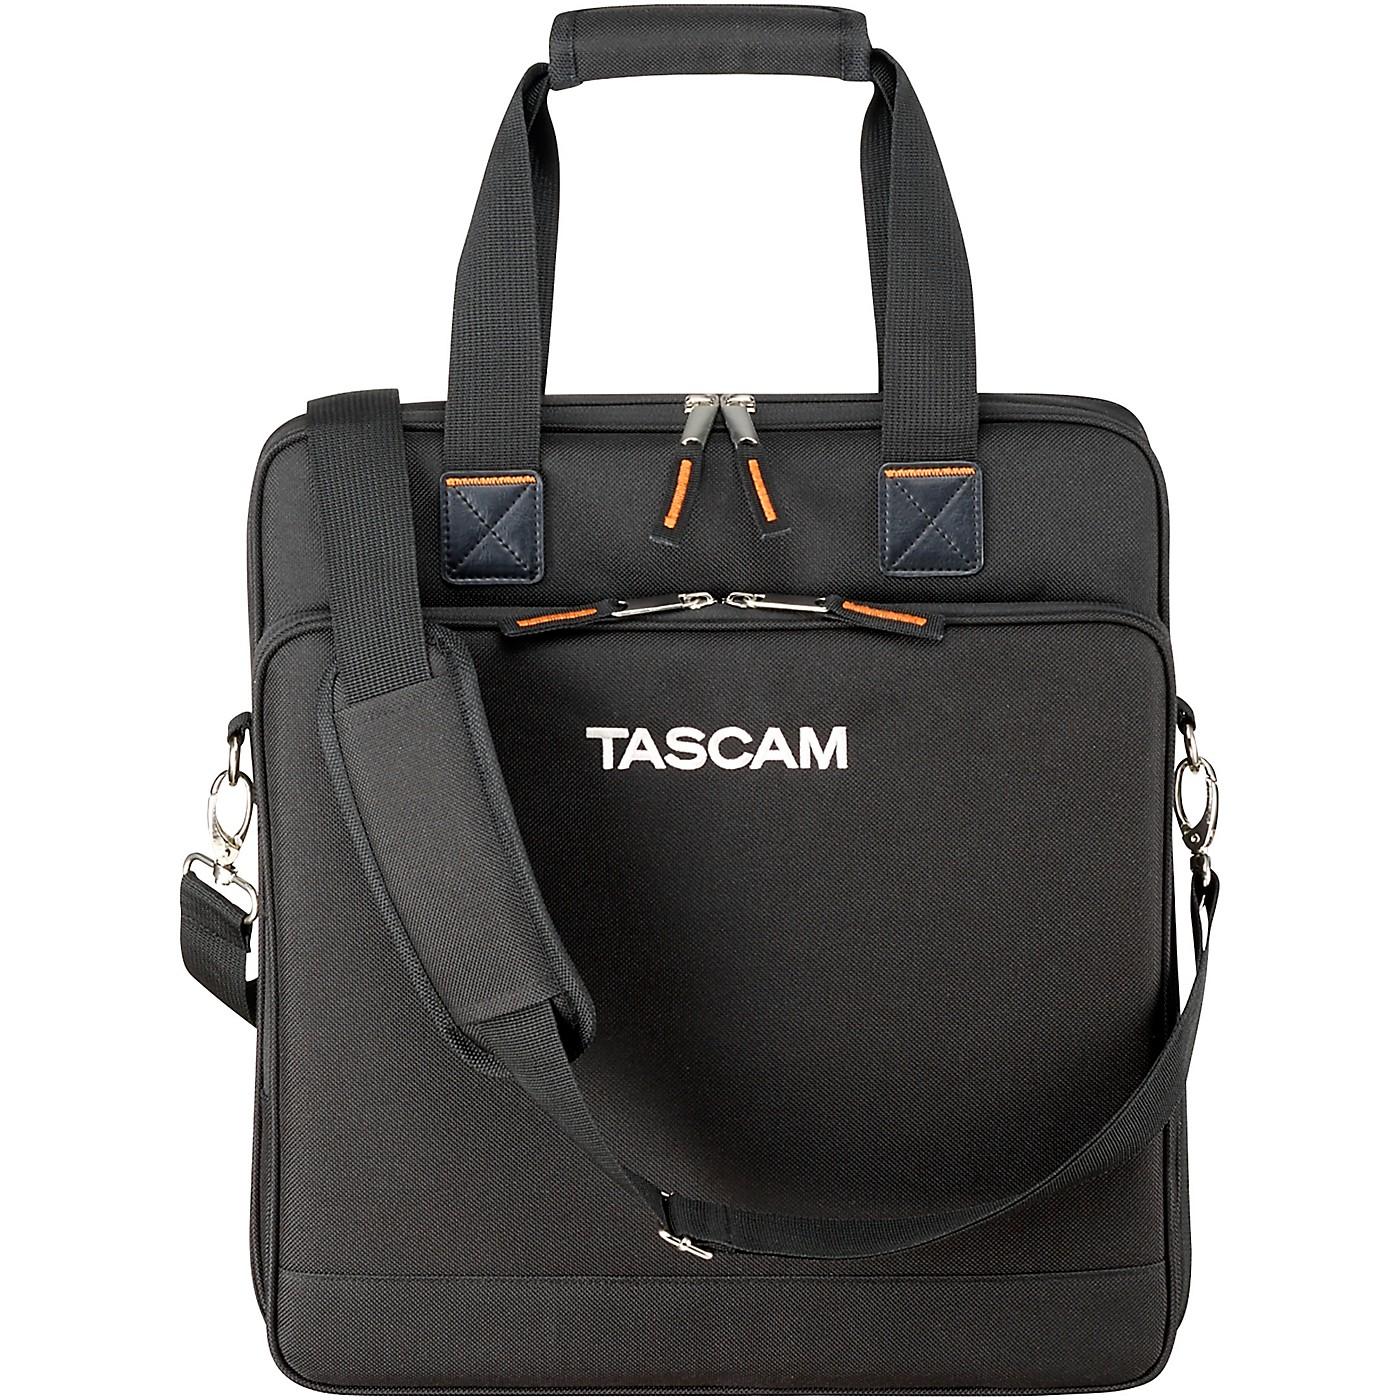 Tascam CS-MODEL 12 Carrying Case for Model 12 Mixer thumbnail